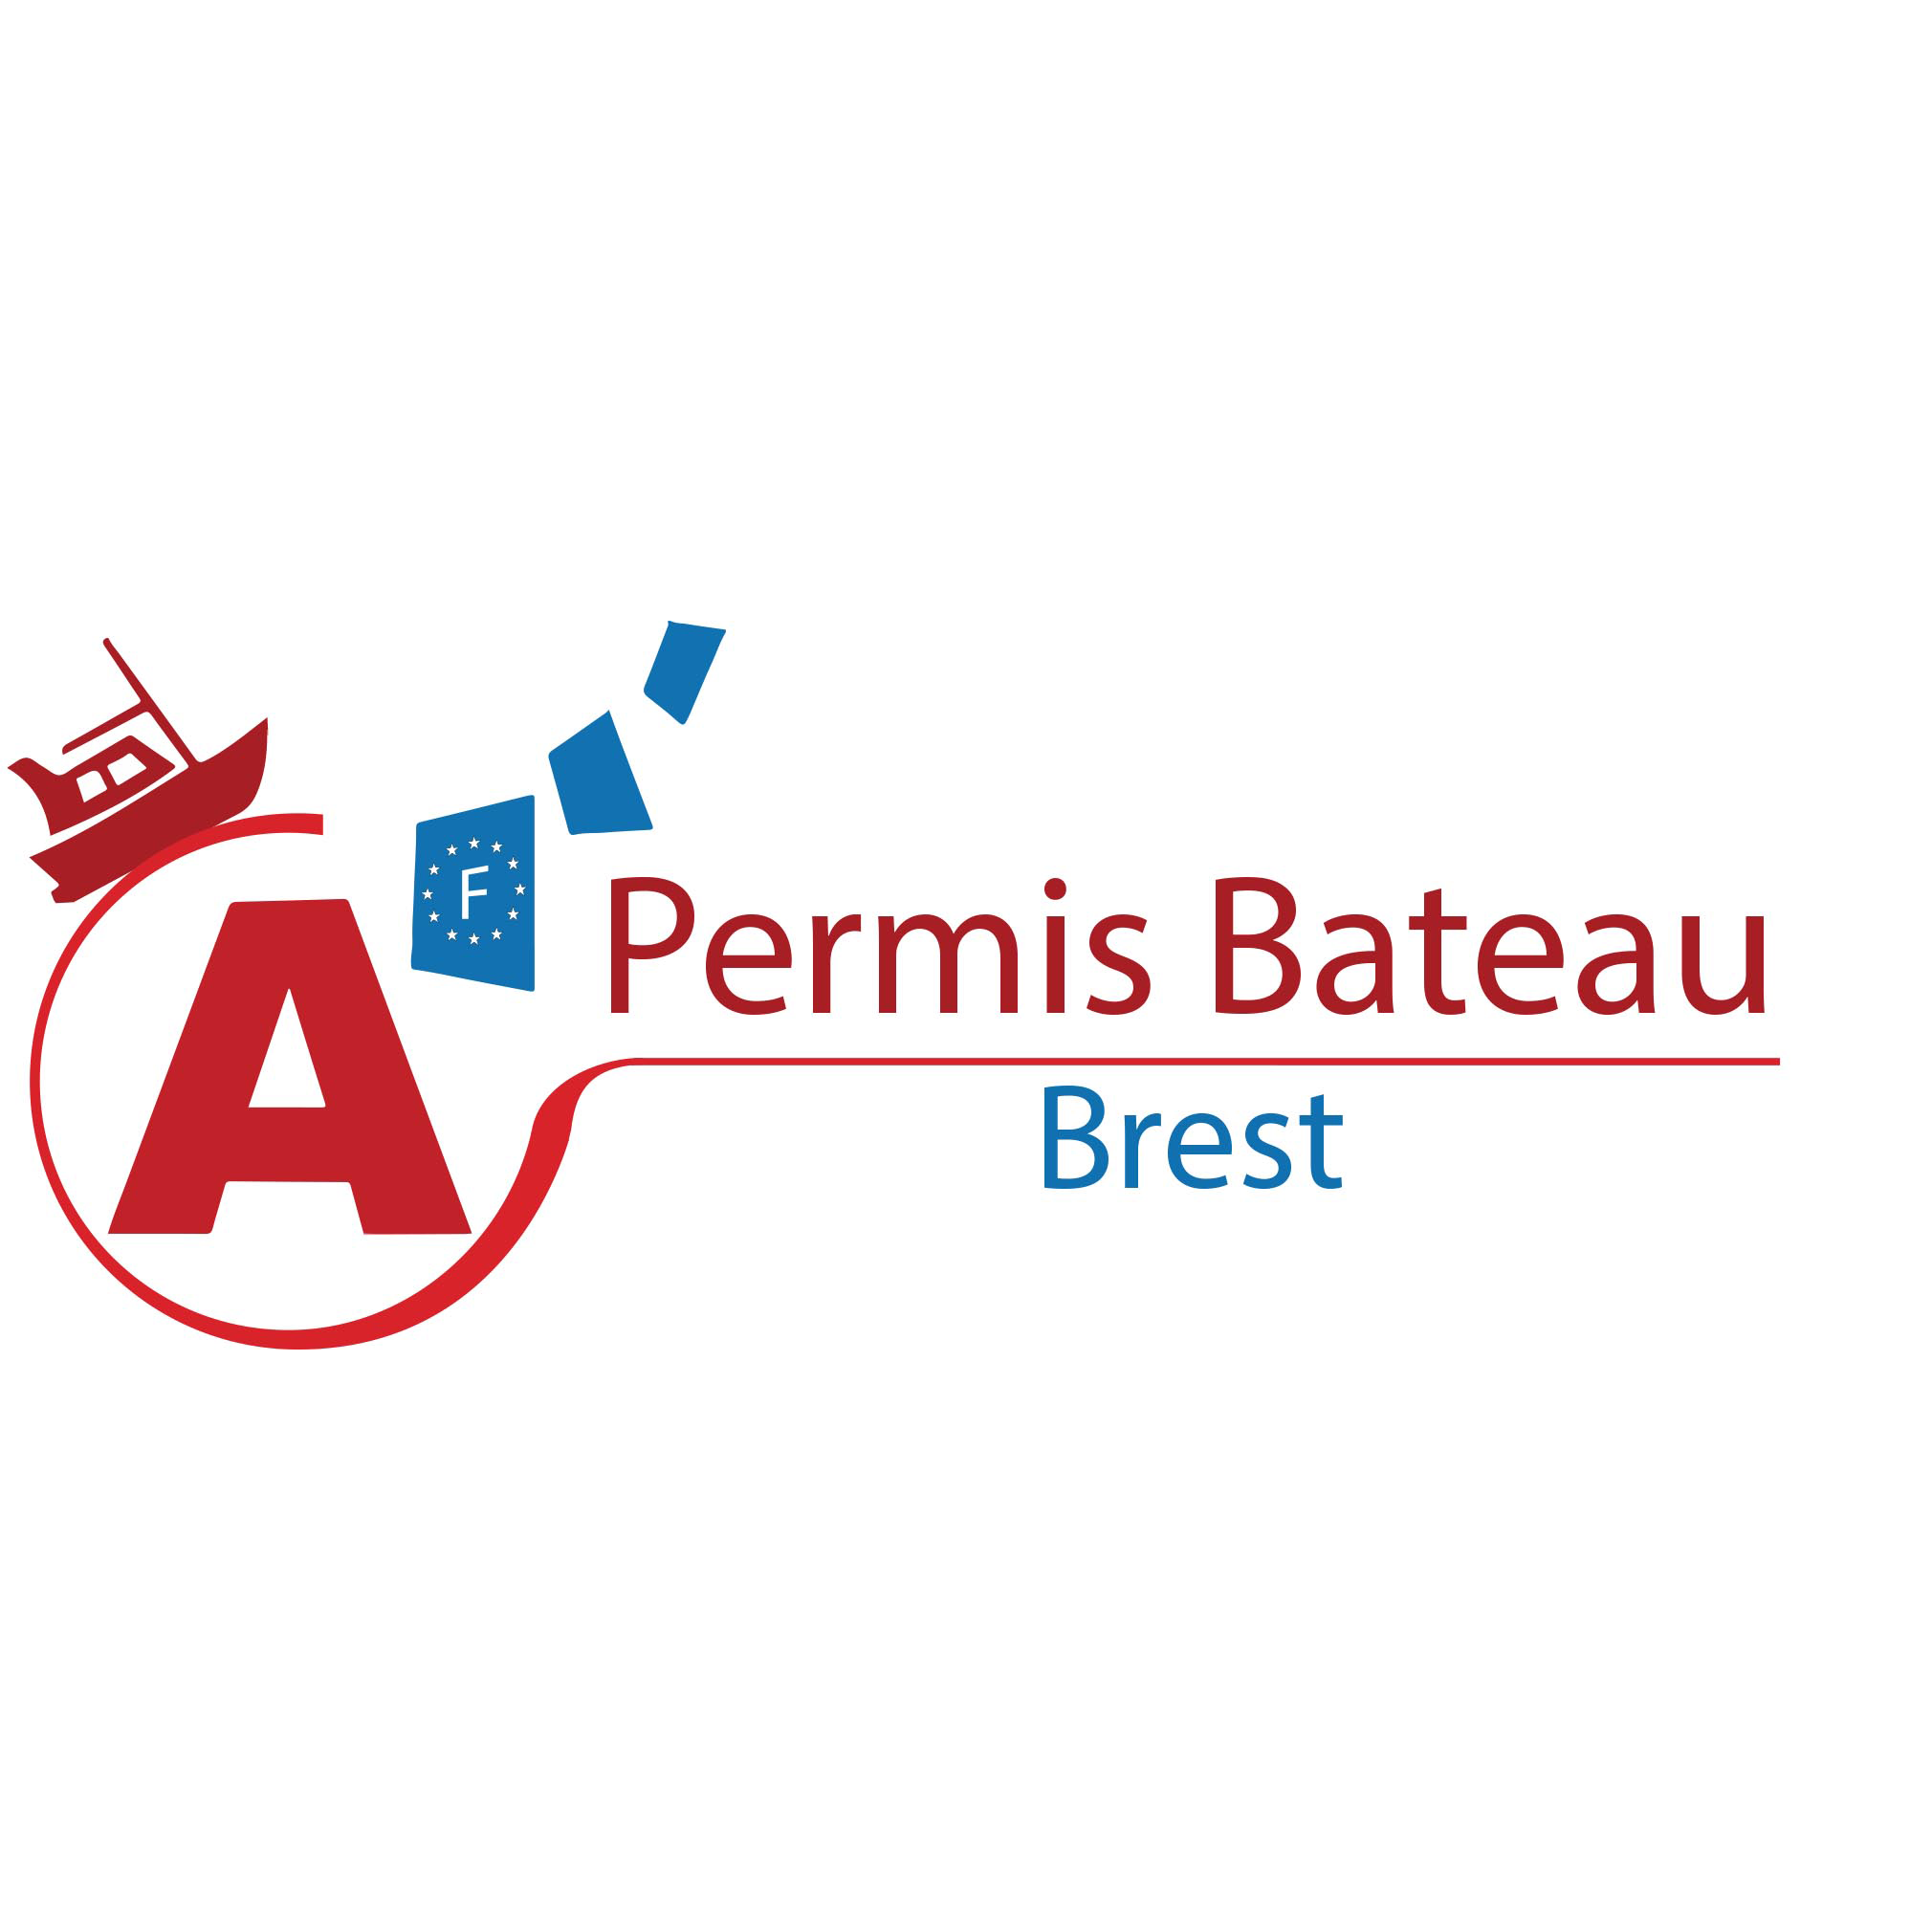 logo-permis-bateau-brest